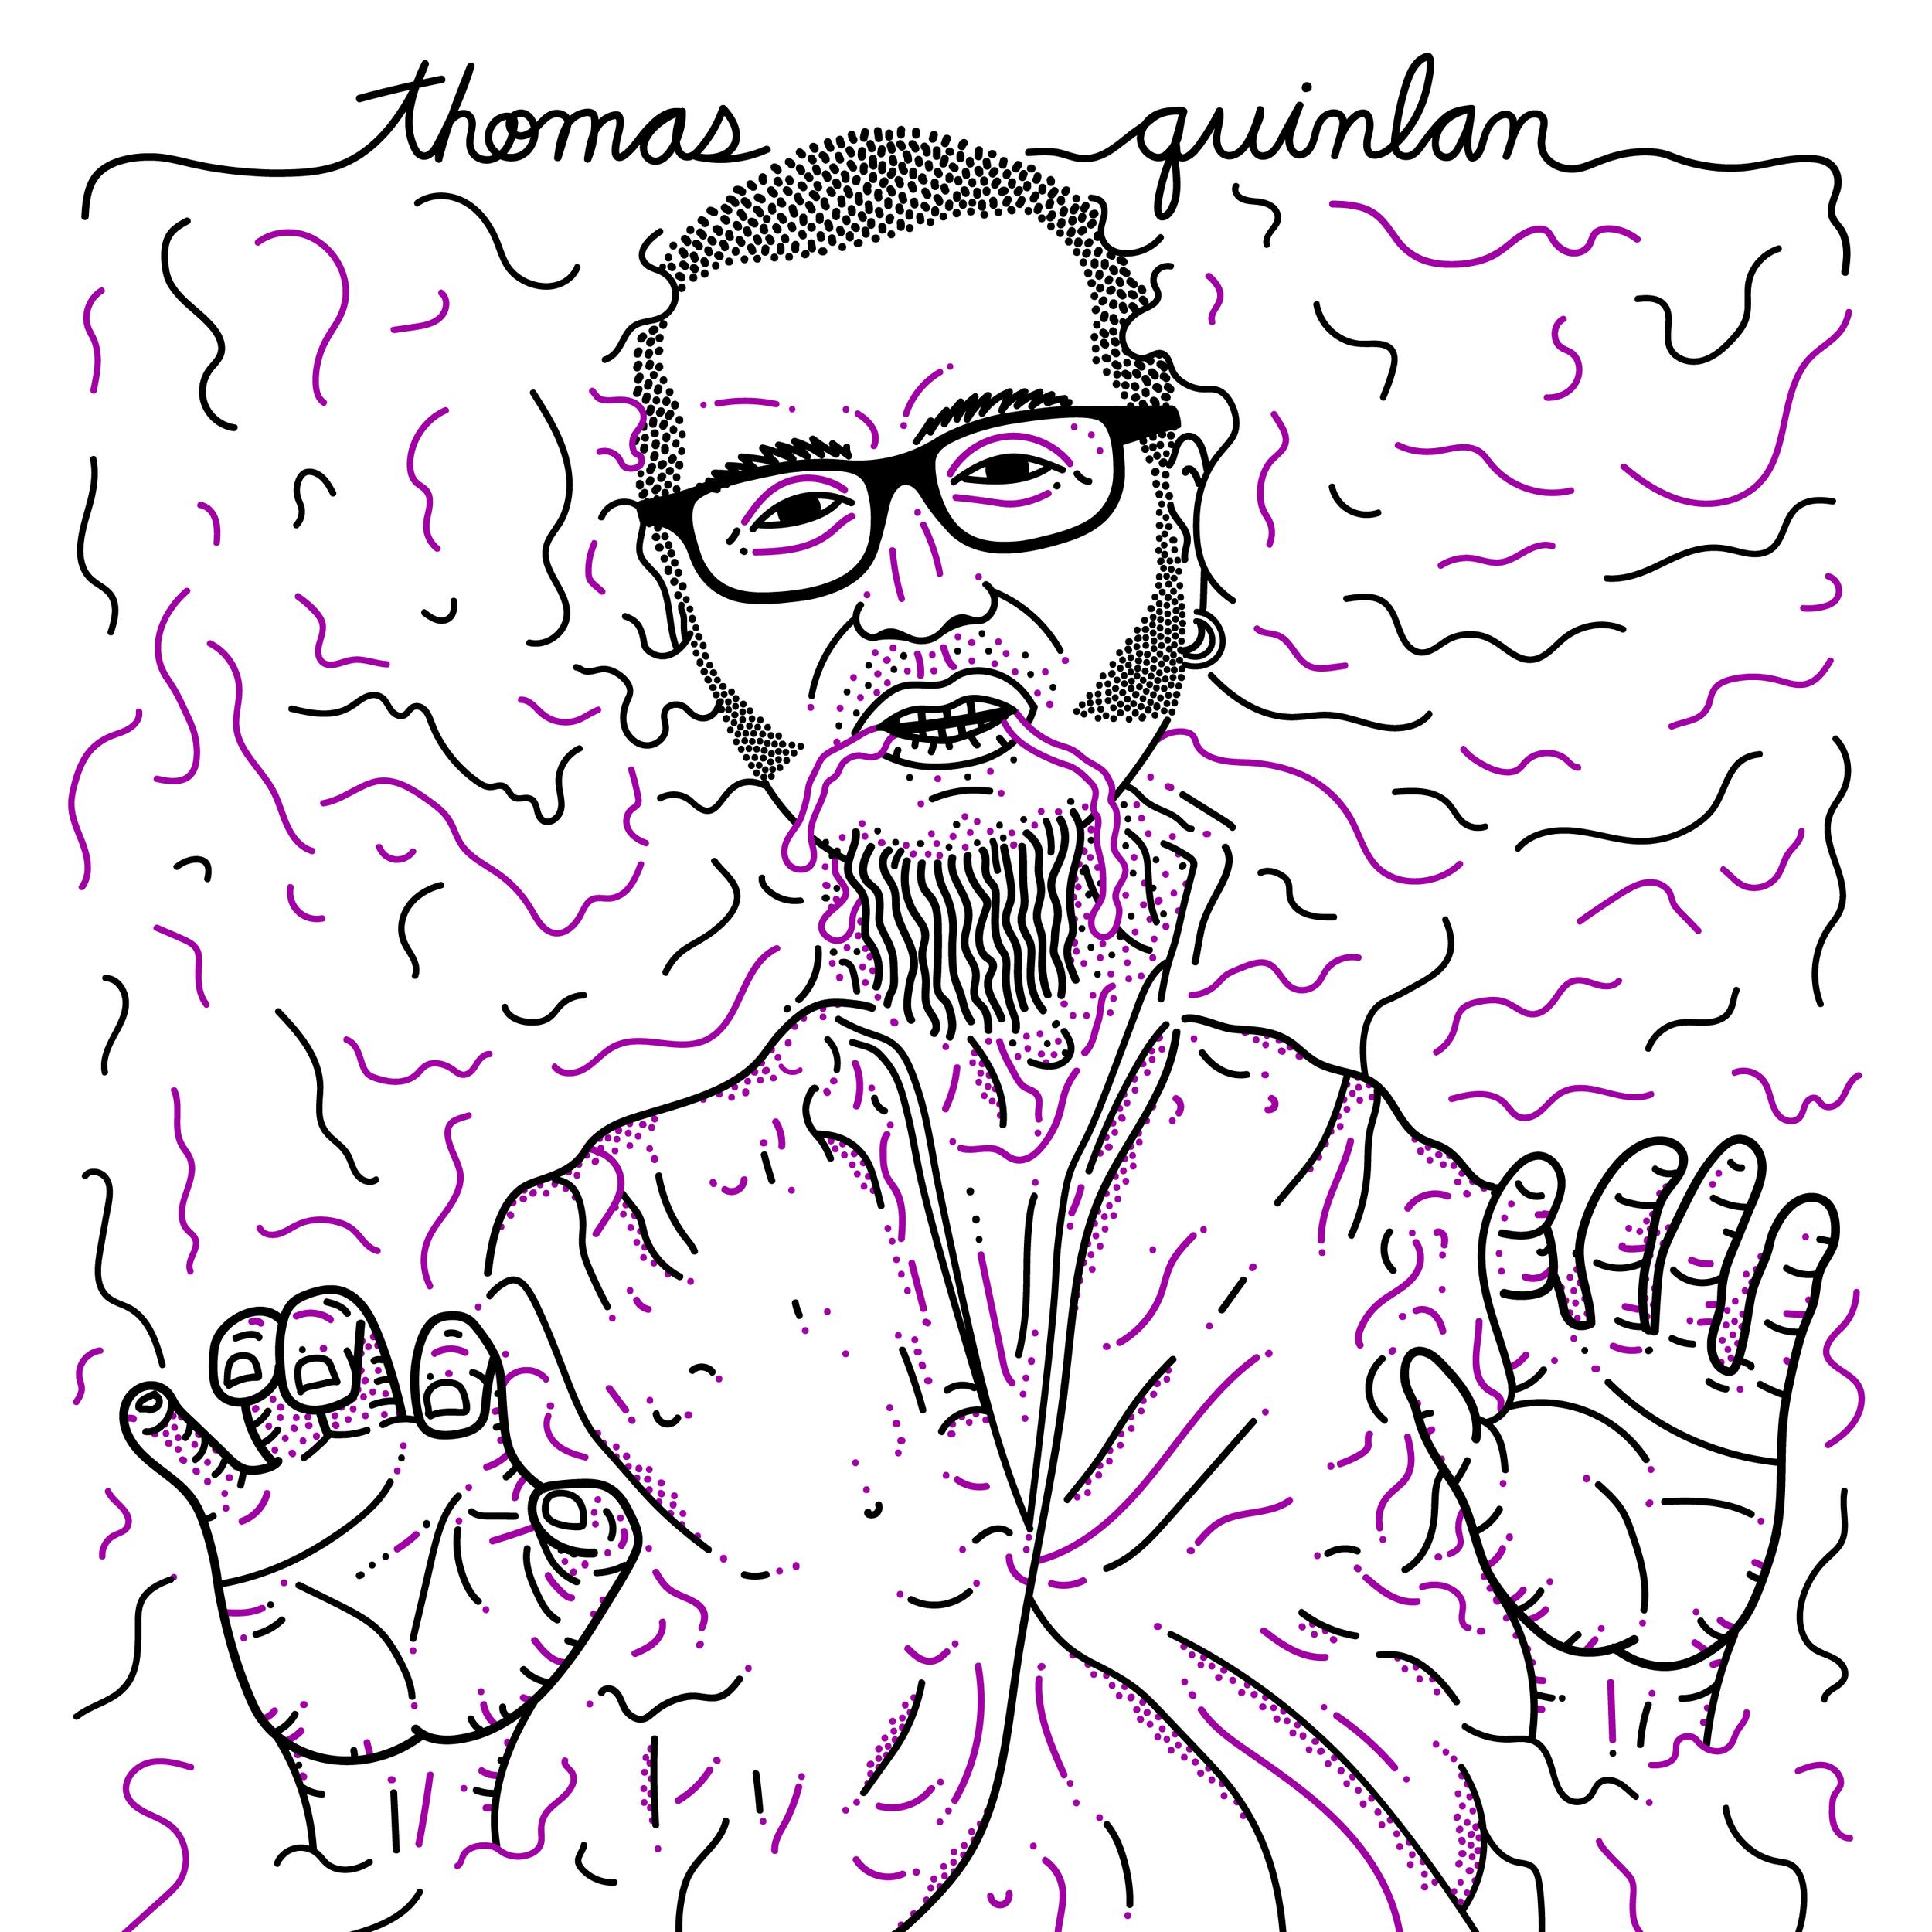 Episode 19 - Thomas Quinlan - Han'Solo Records